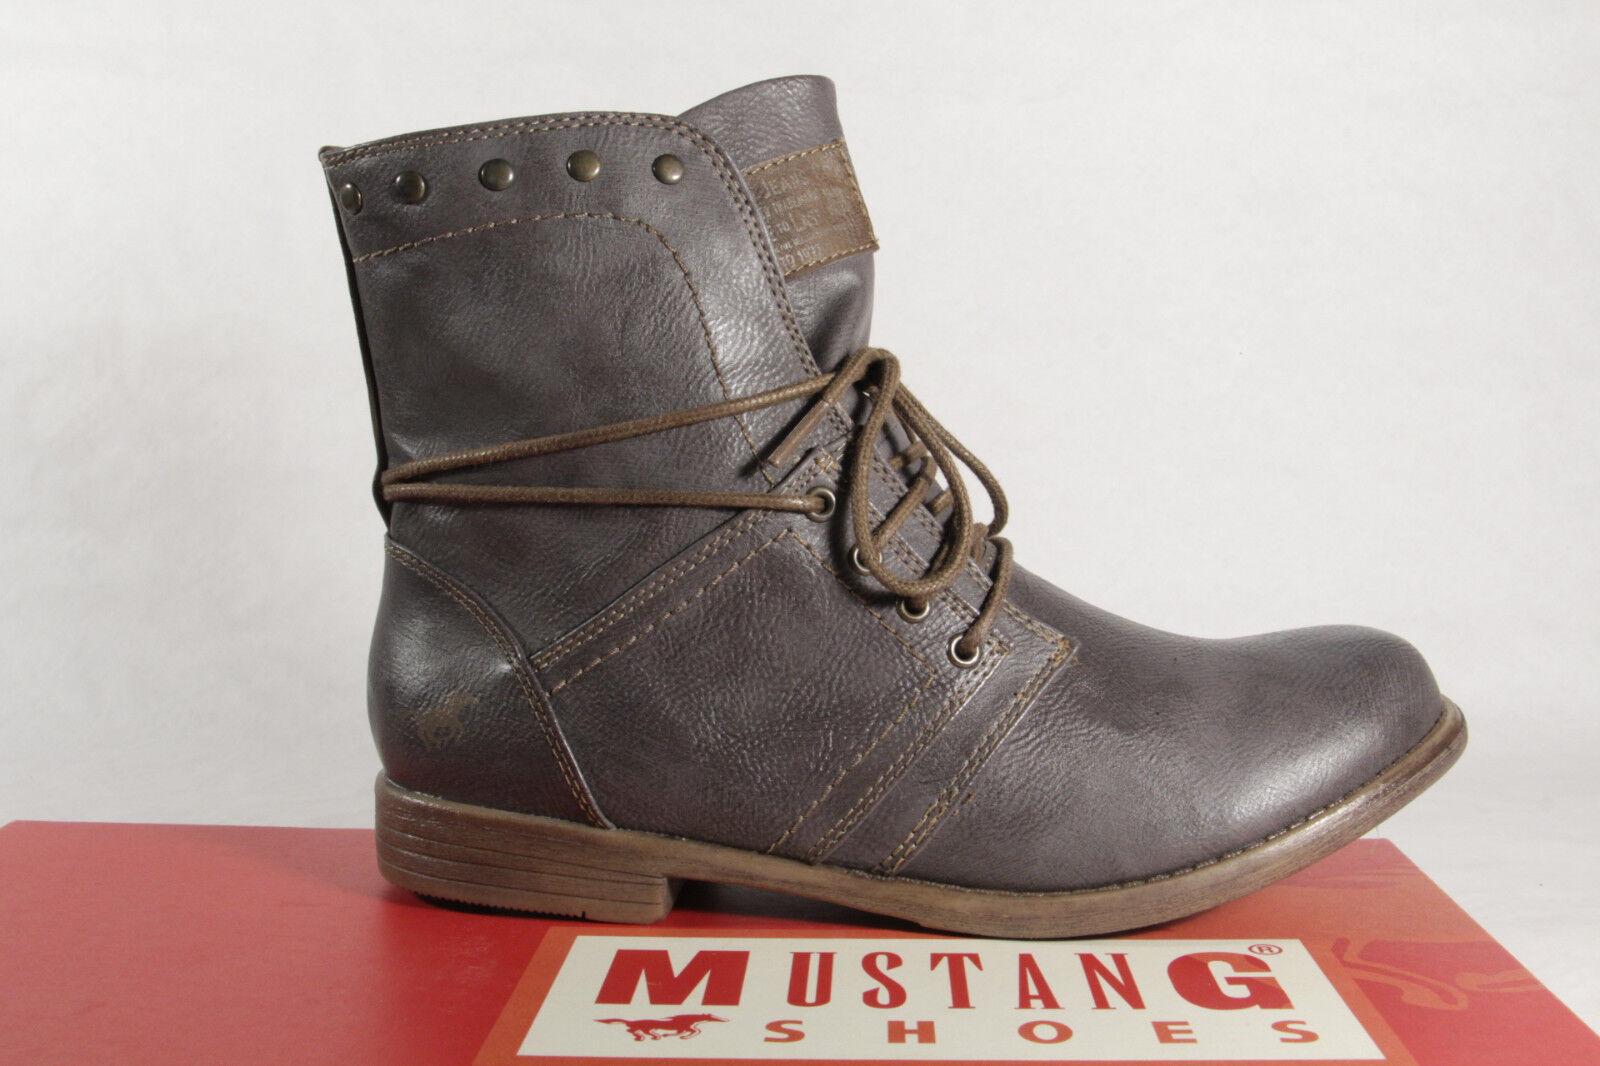 Mustang Stiefel Stiefel Stiefeletten Schnürstiefel Stiefel Mustang grau 1134  NEU f01f00